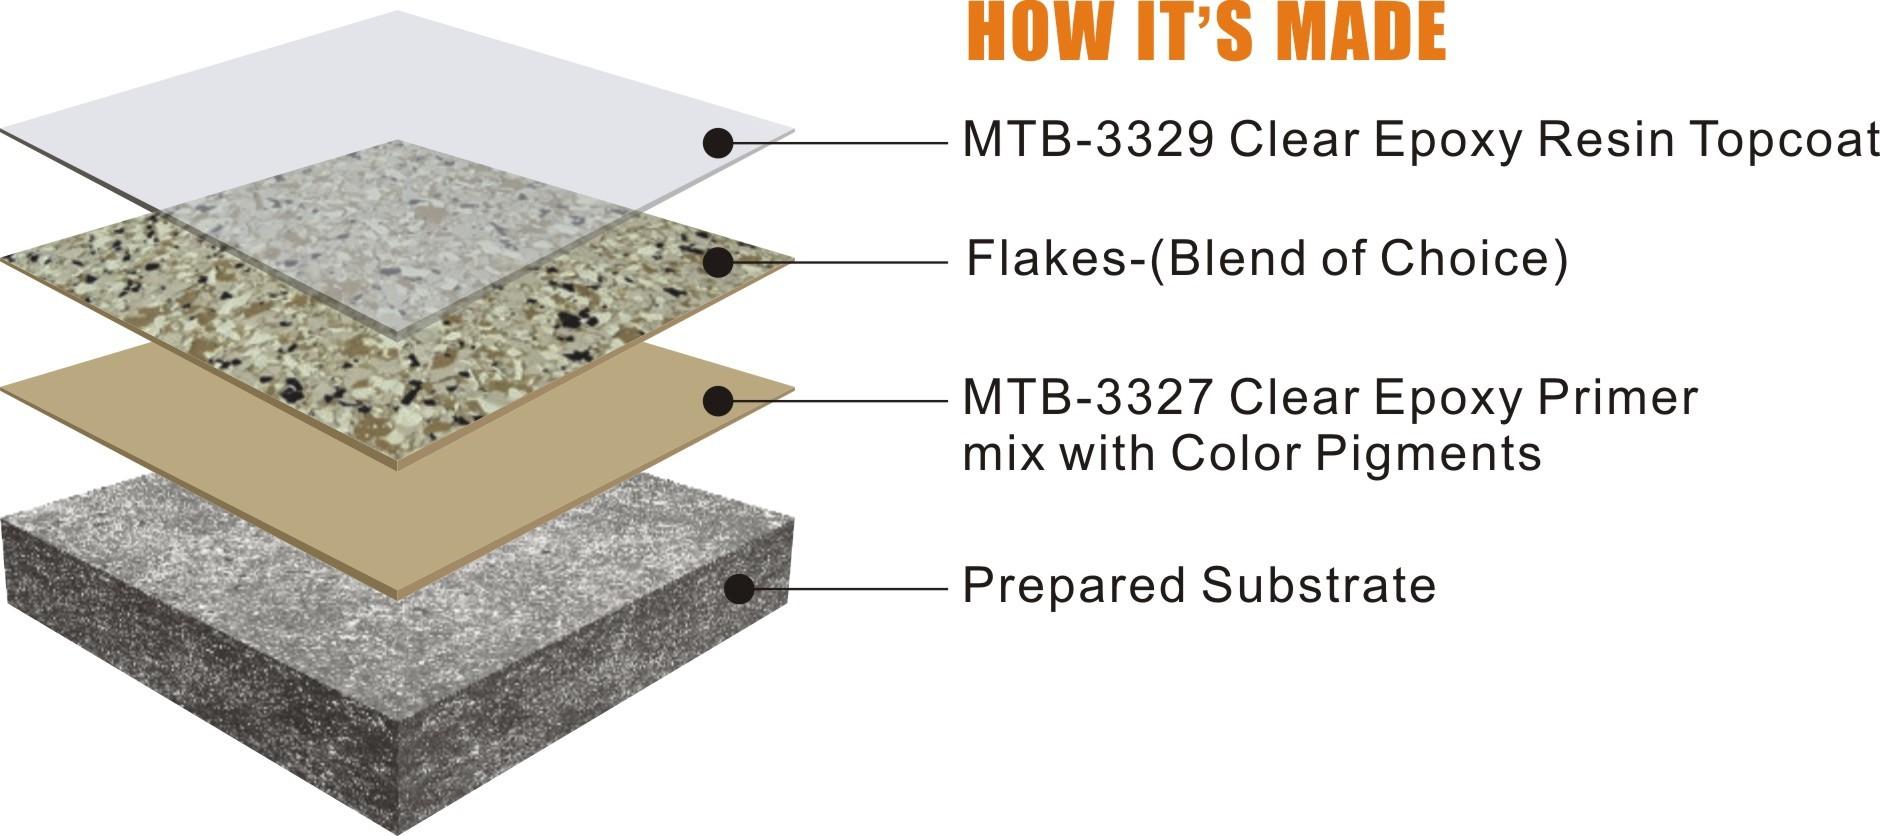 Epoxy Decorative Floor Chip Flakes Coating Manufacturers, Epoxy Decorative Floor Chip Flakes Coating Factory, Supply Epoxy Decorative Floor Chip Flakes Coating